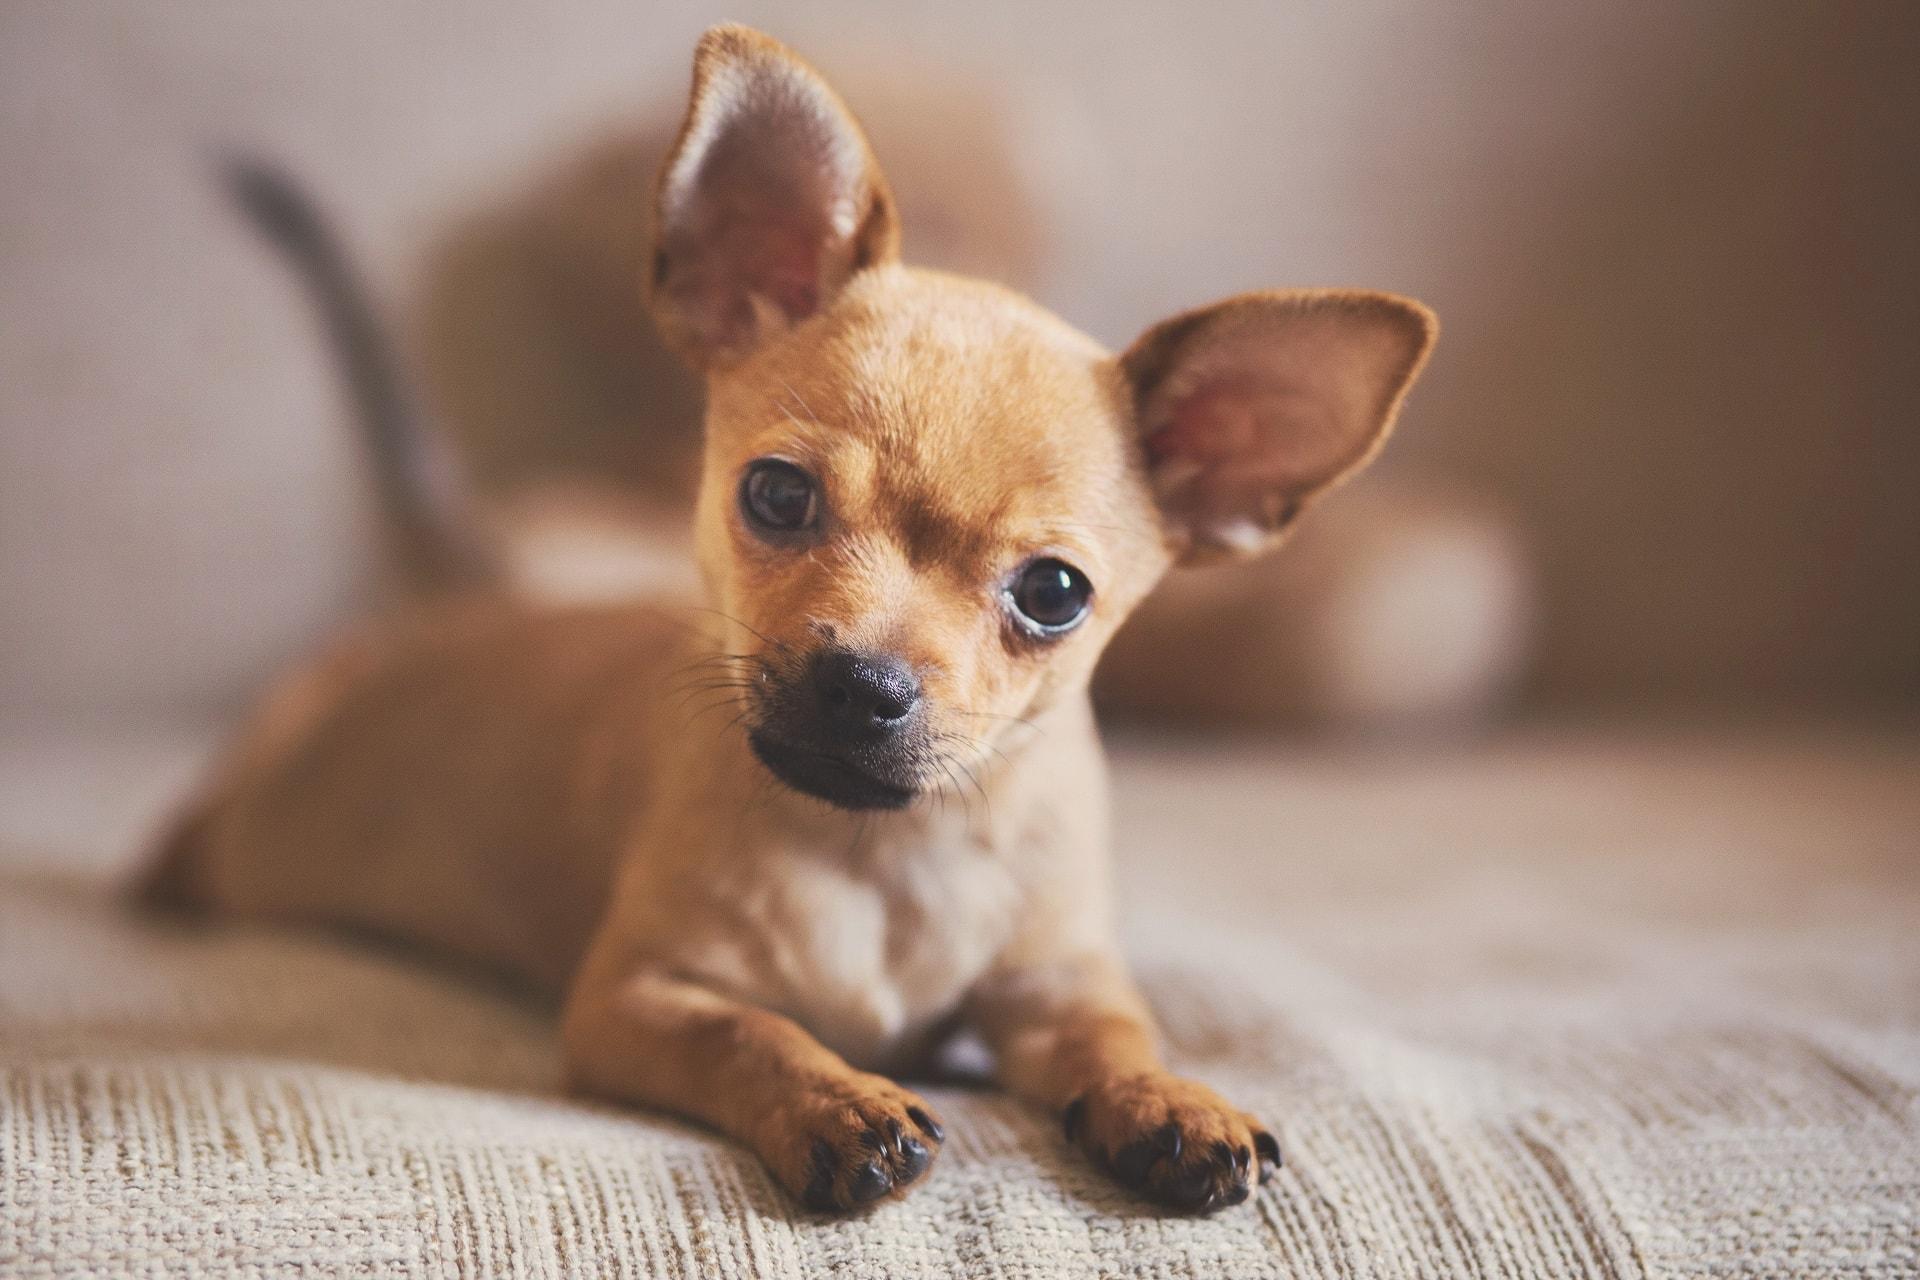 najmniejszy pies na świecie